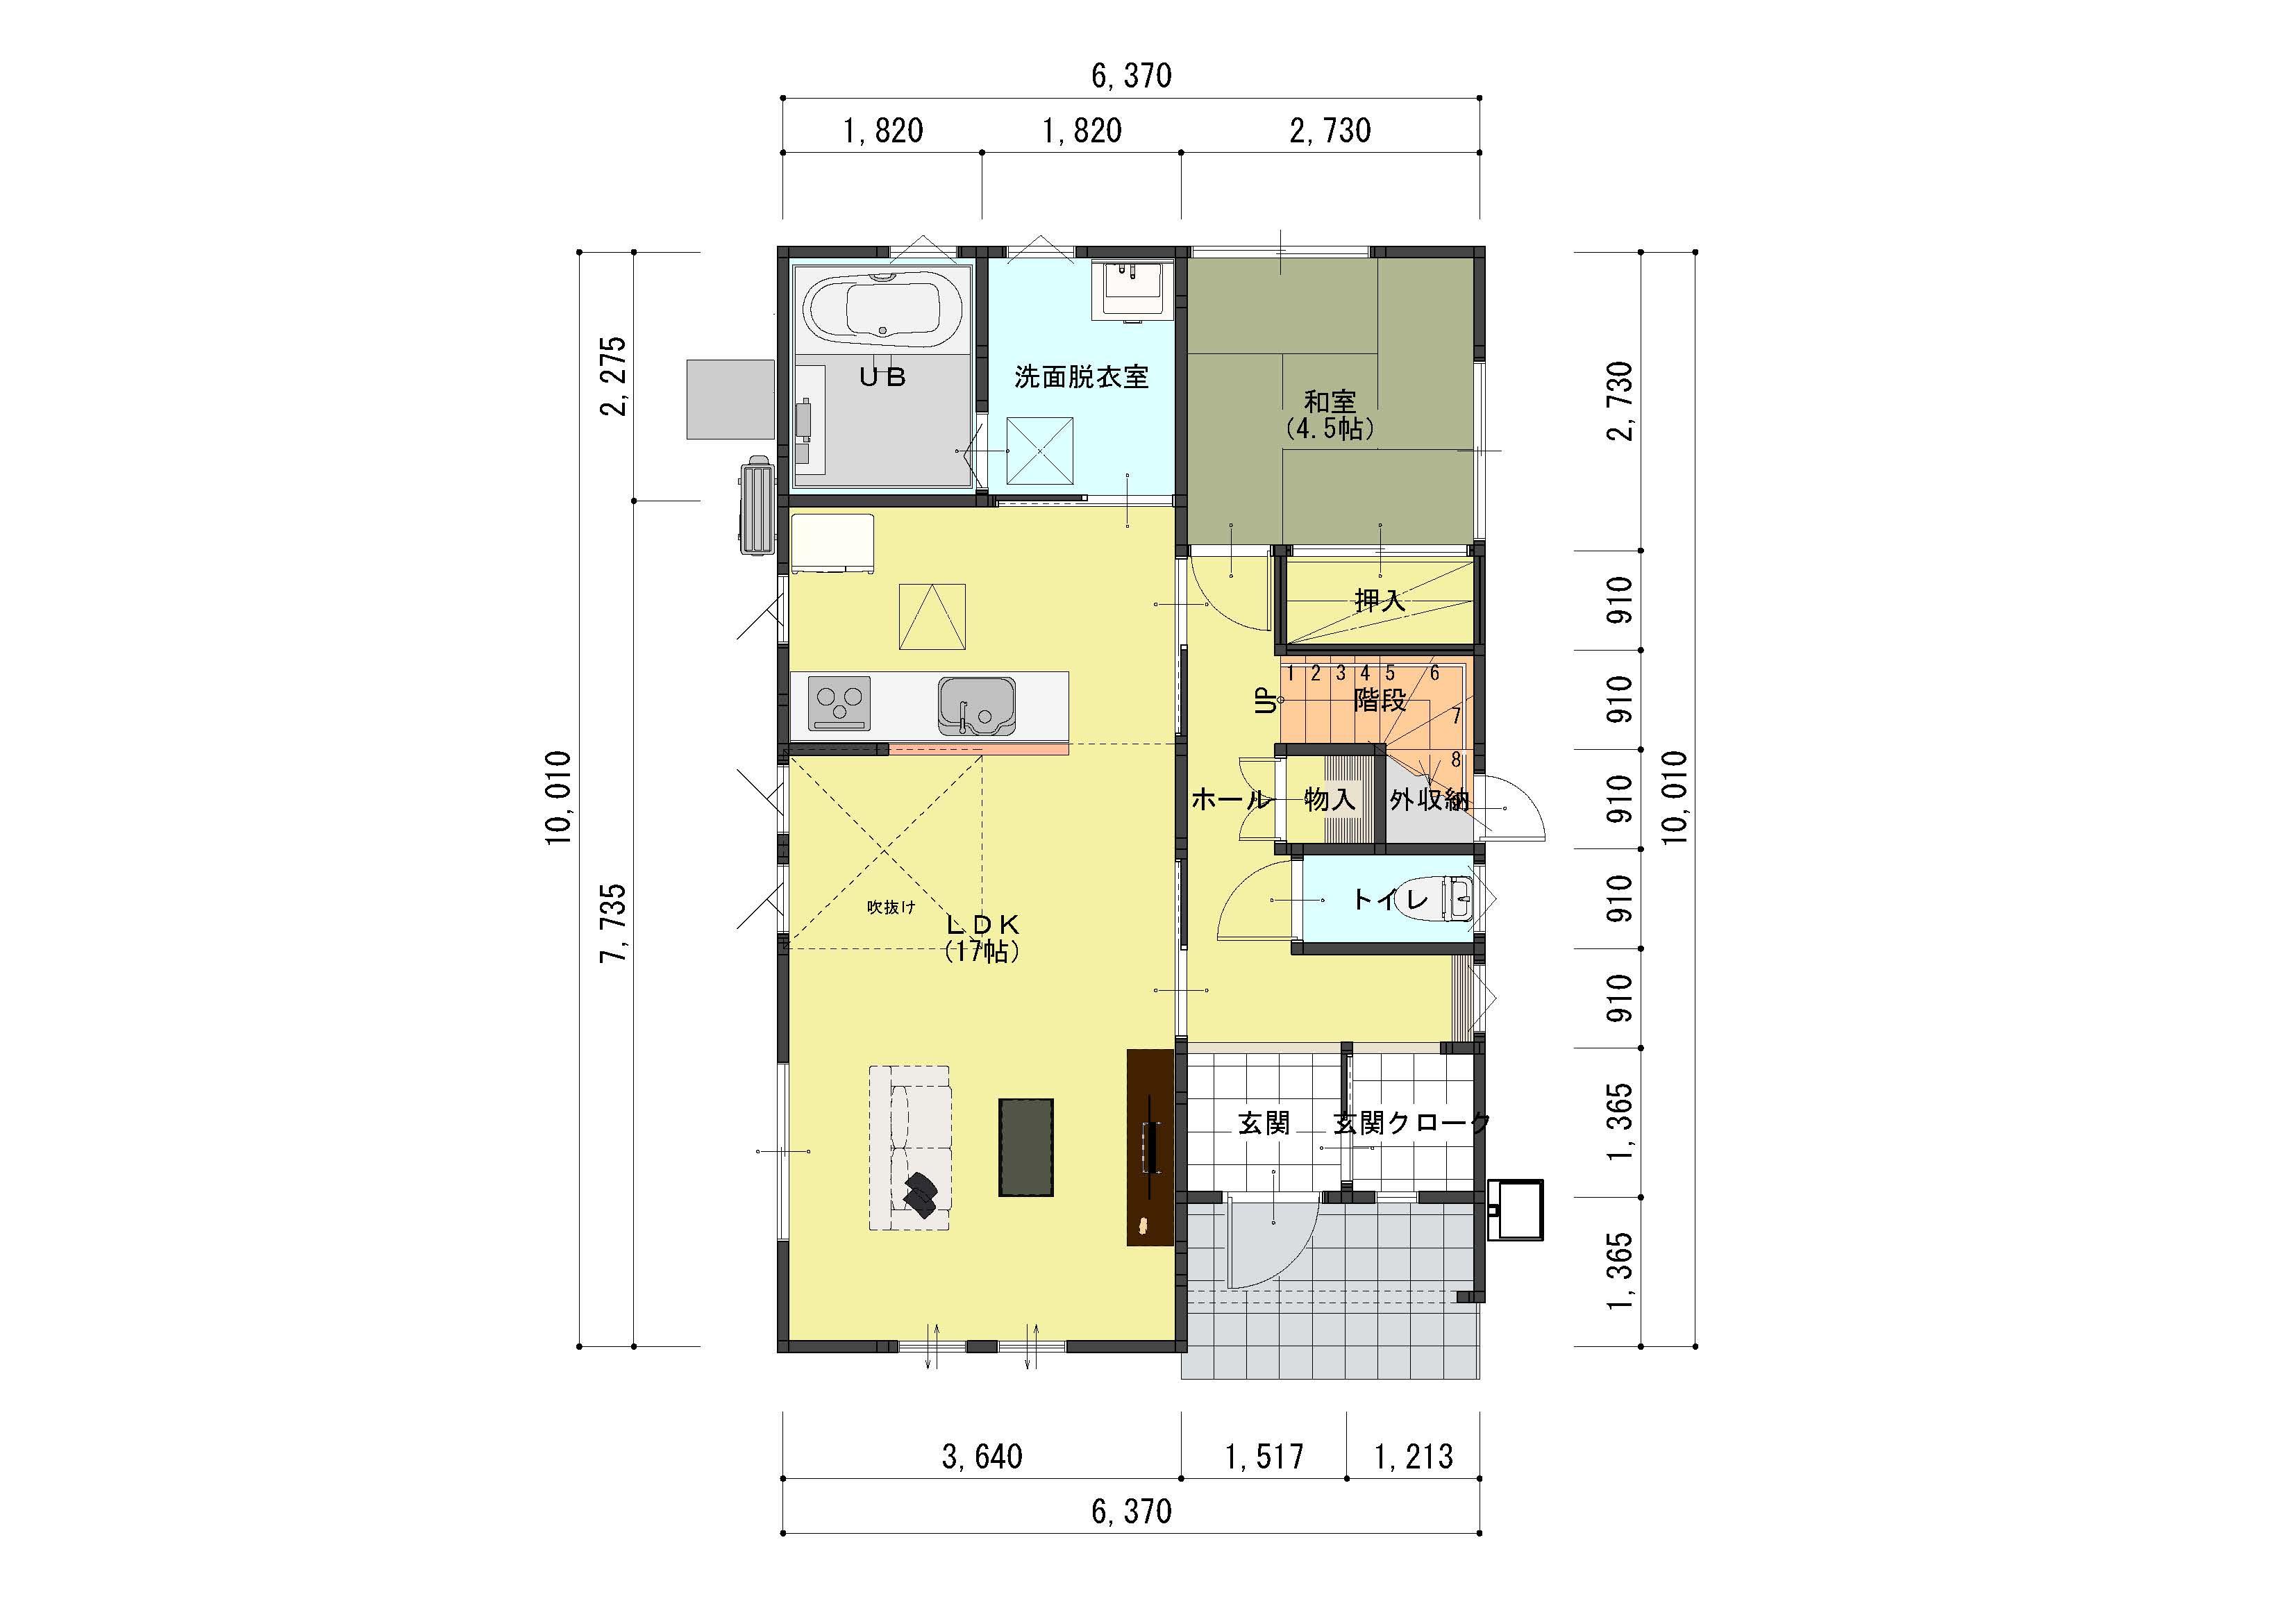 燕市吉田弥生町の不動産【土地】の建物プラン例の1F間取(間取)